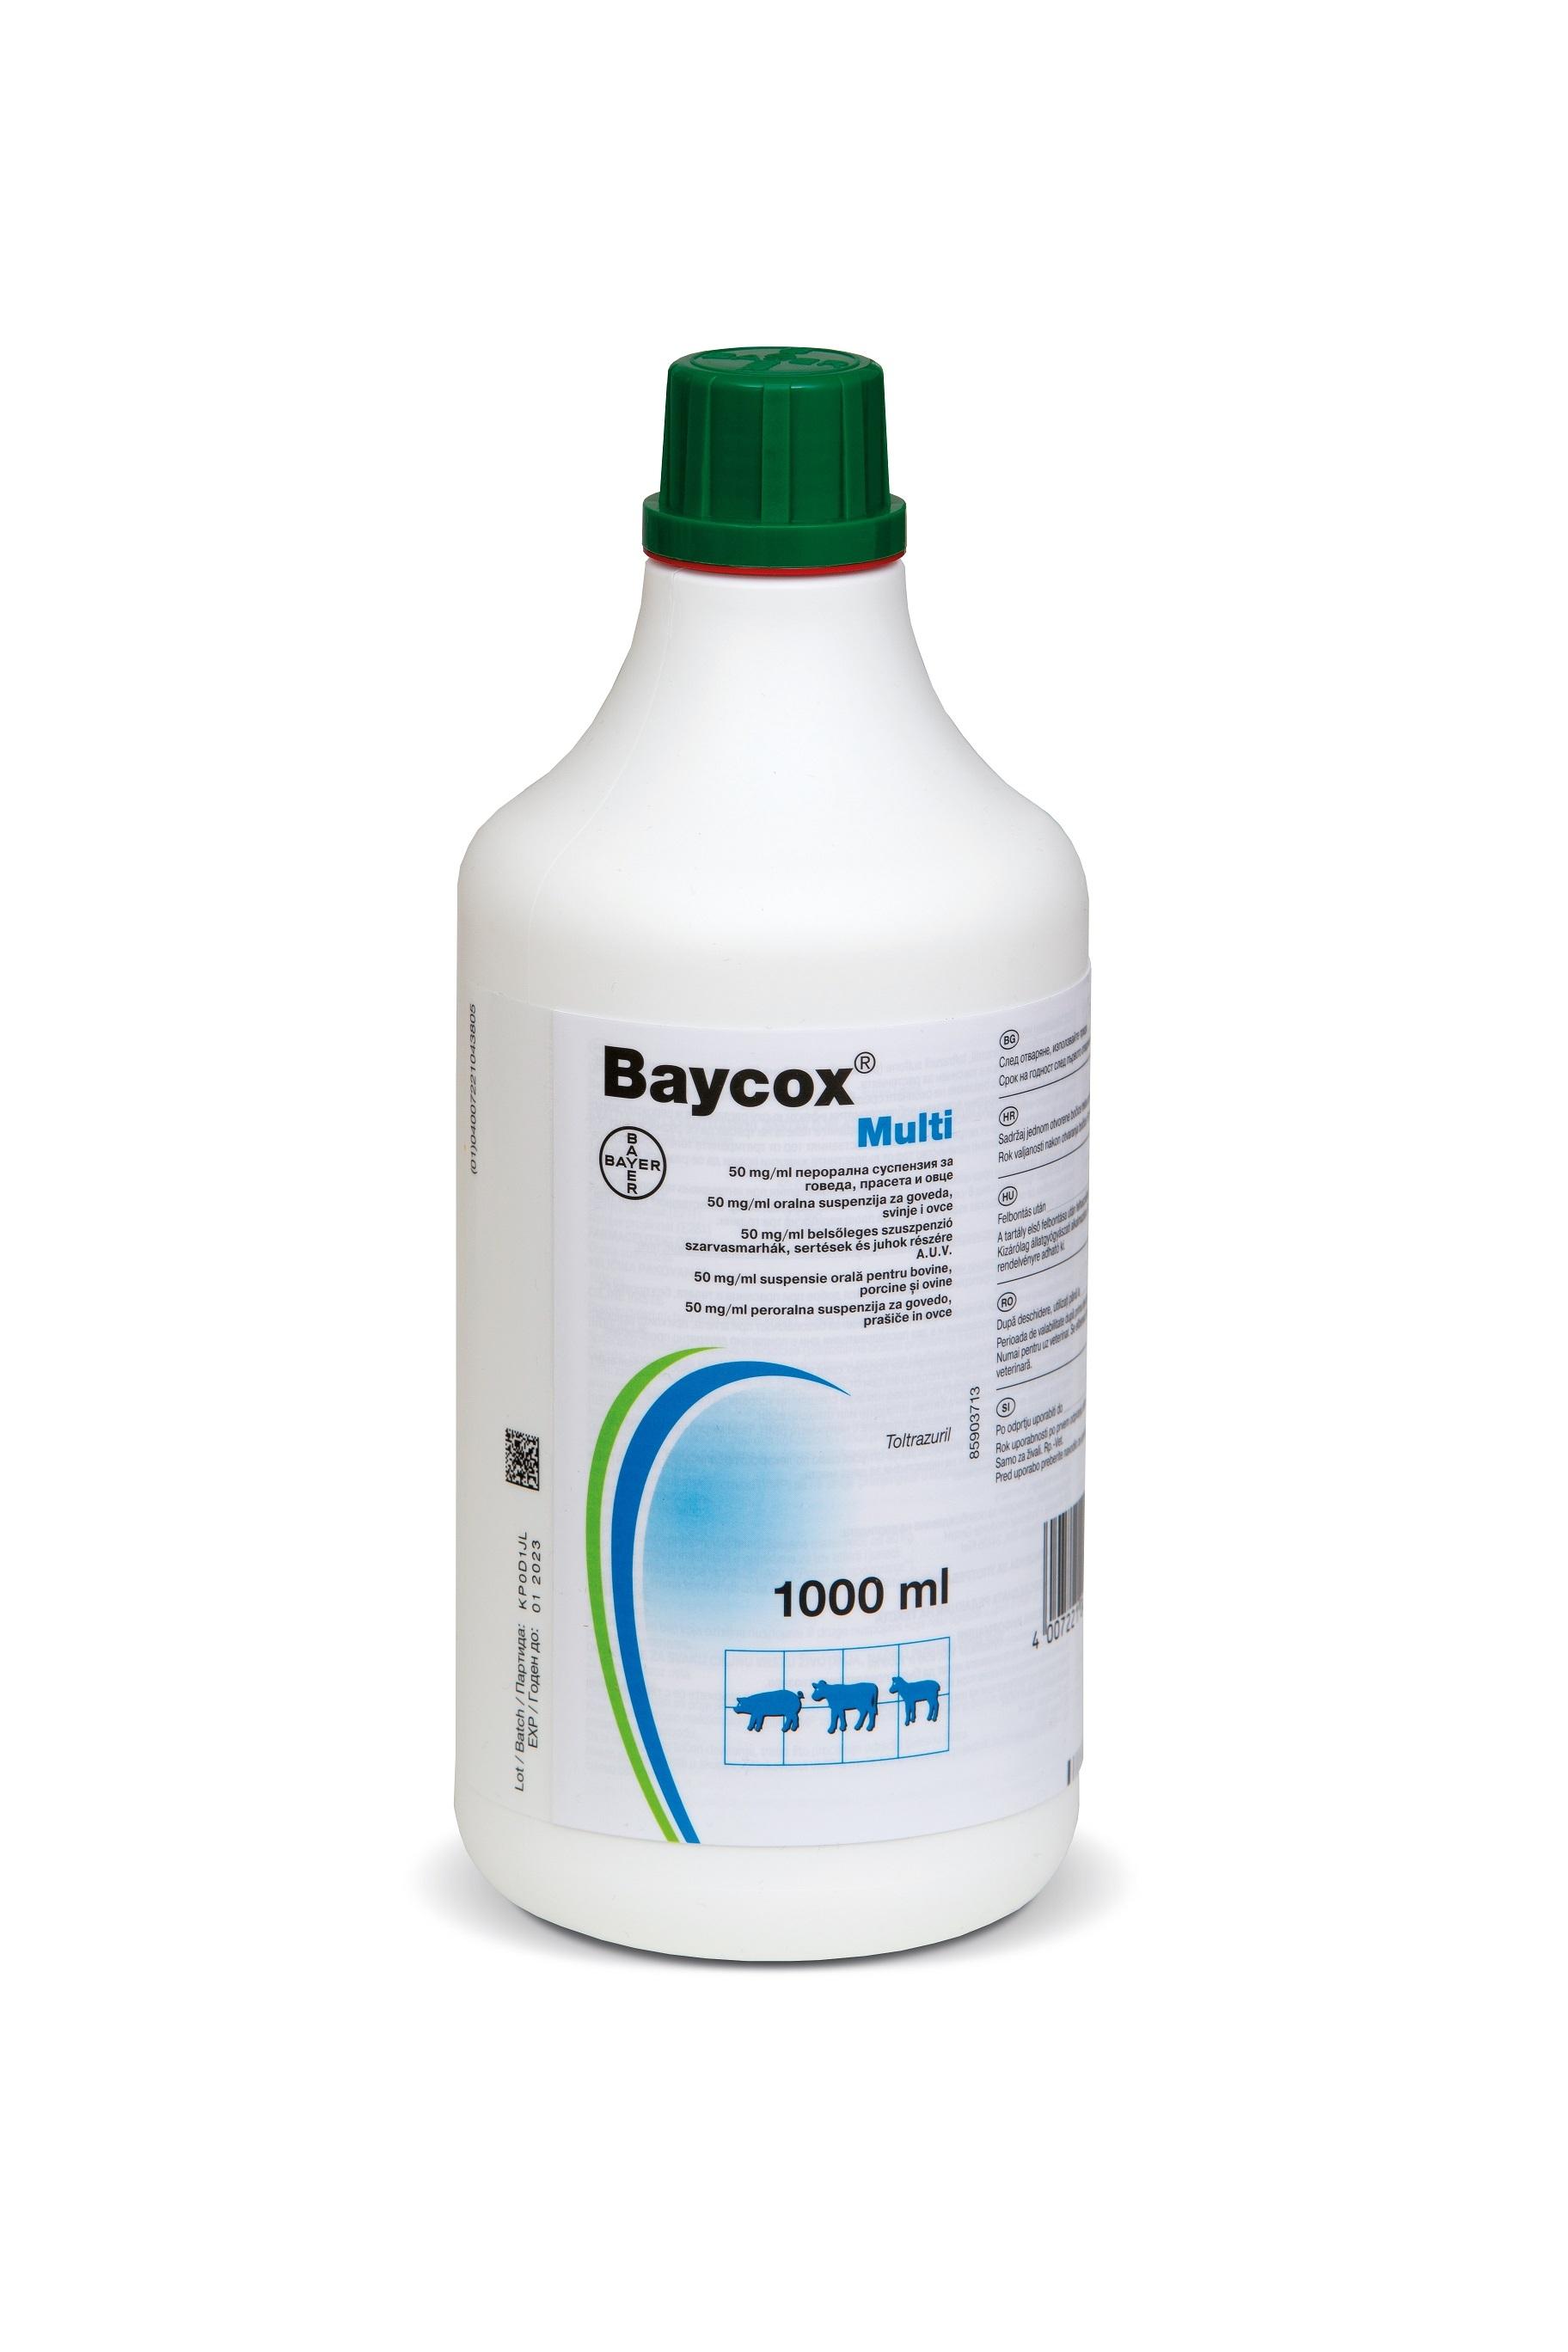 Baycox 5% MULTI Suspensie orala, 1 l imagine